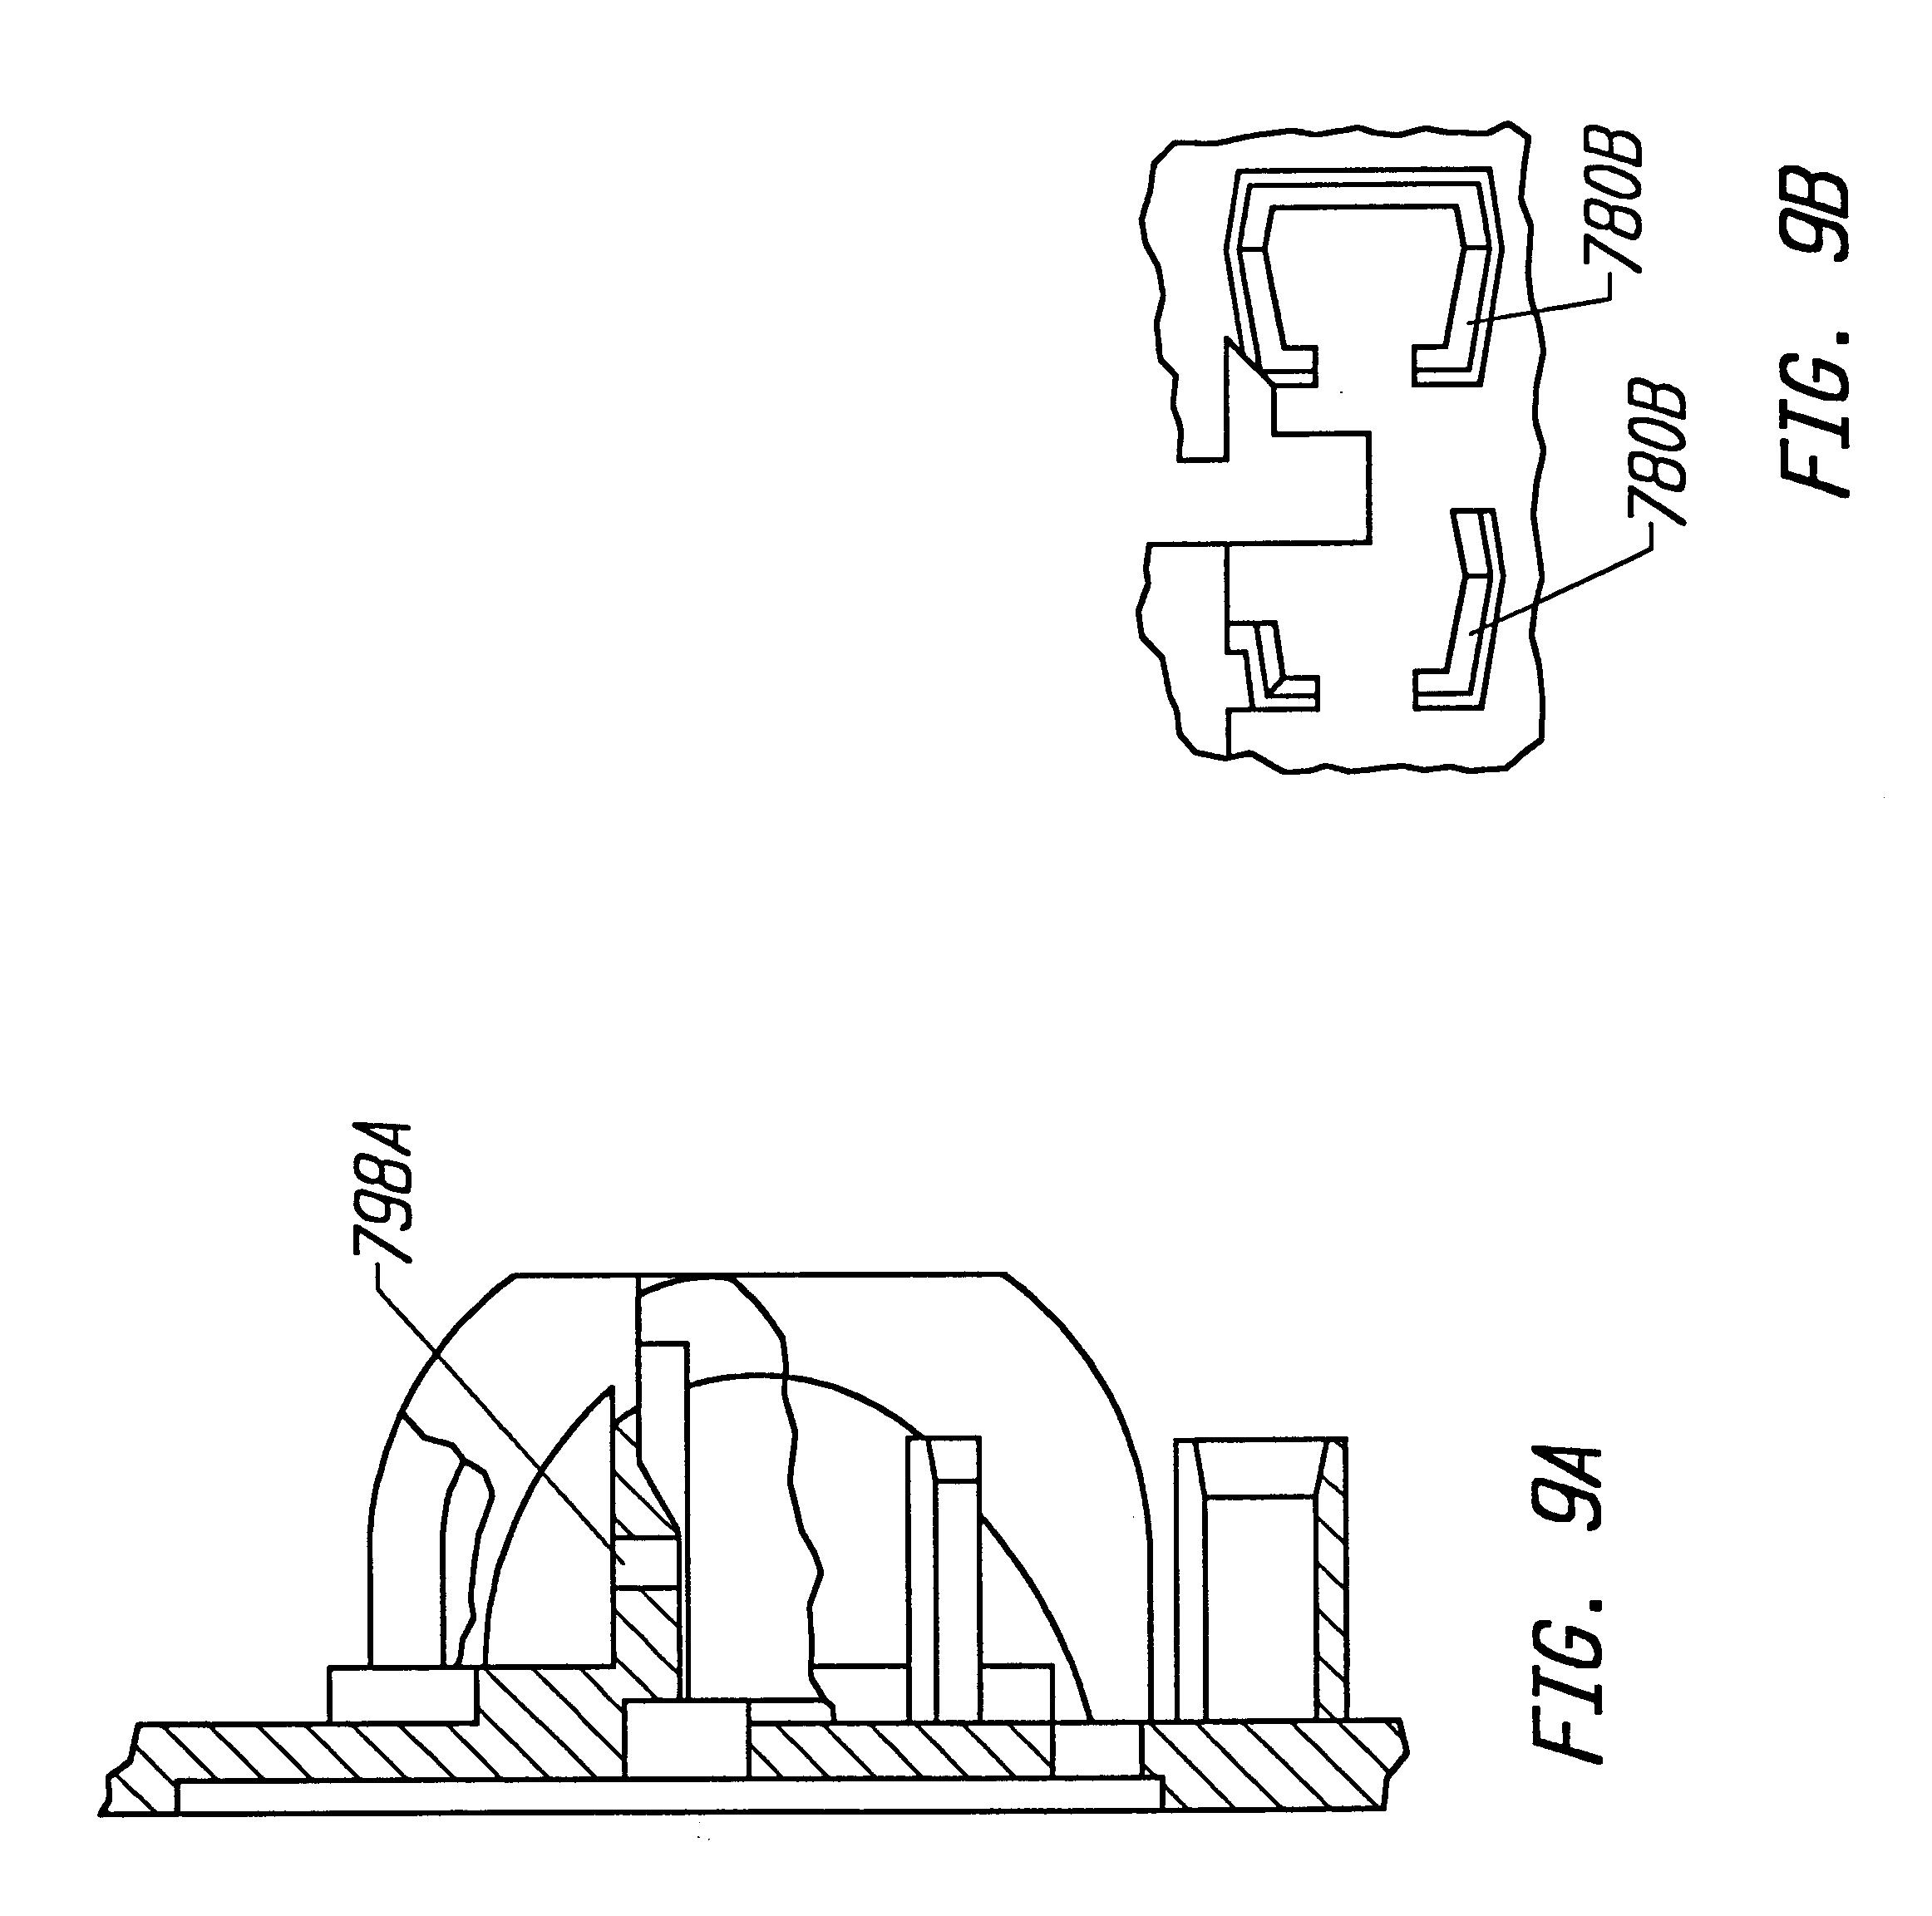 patent us6184870